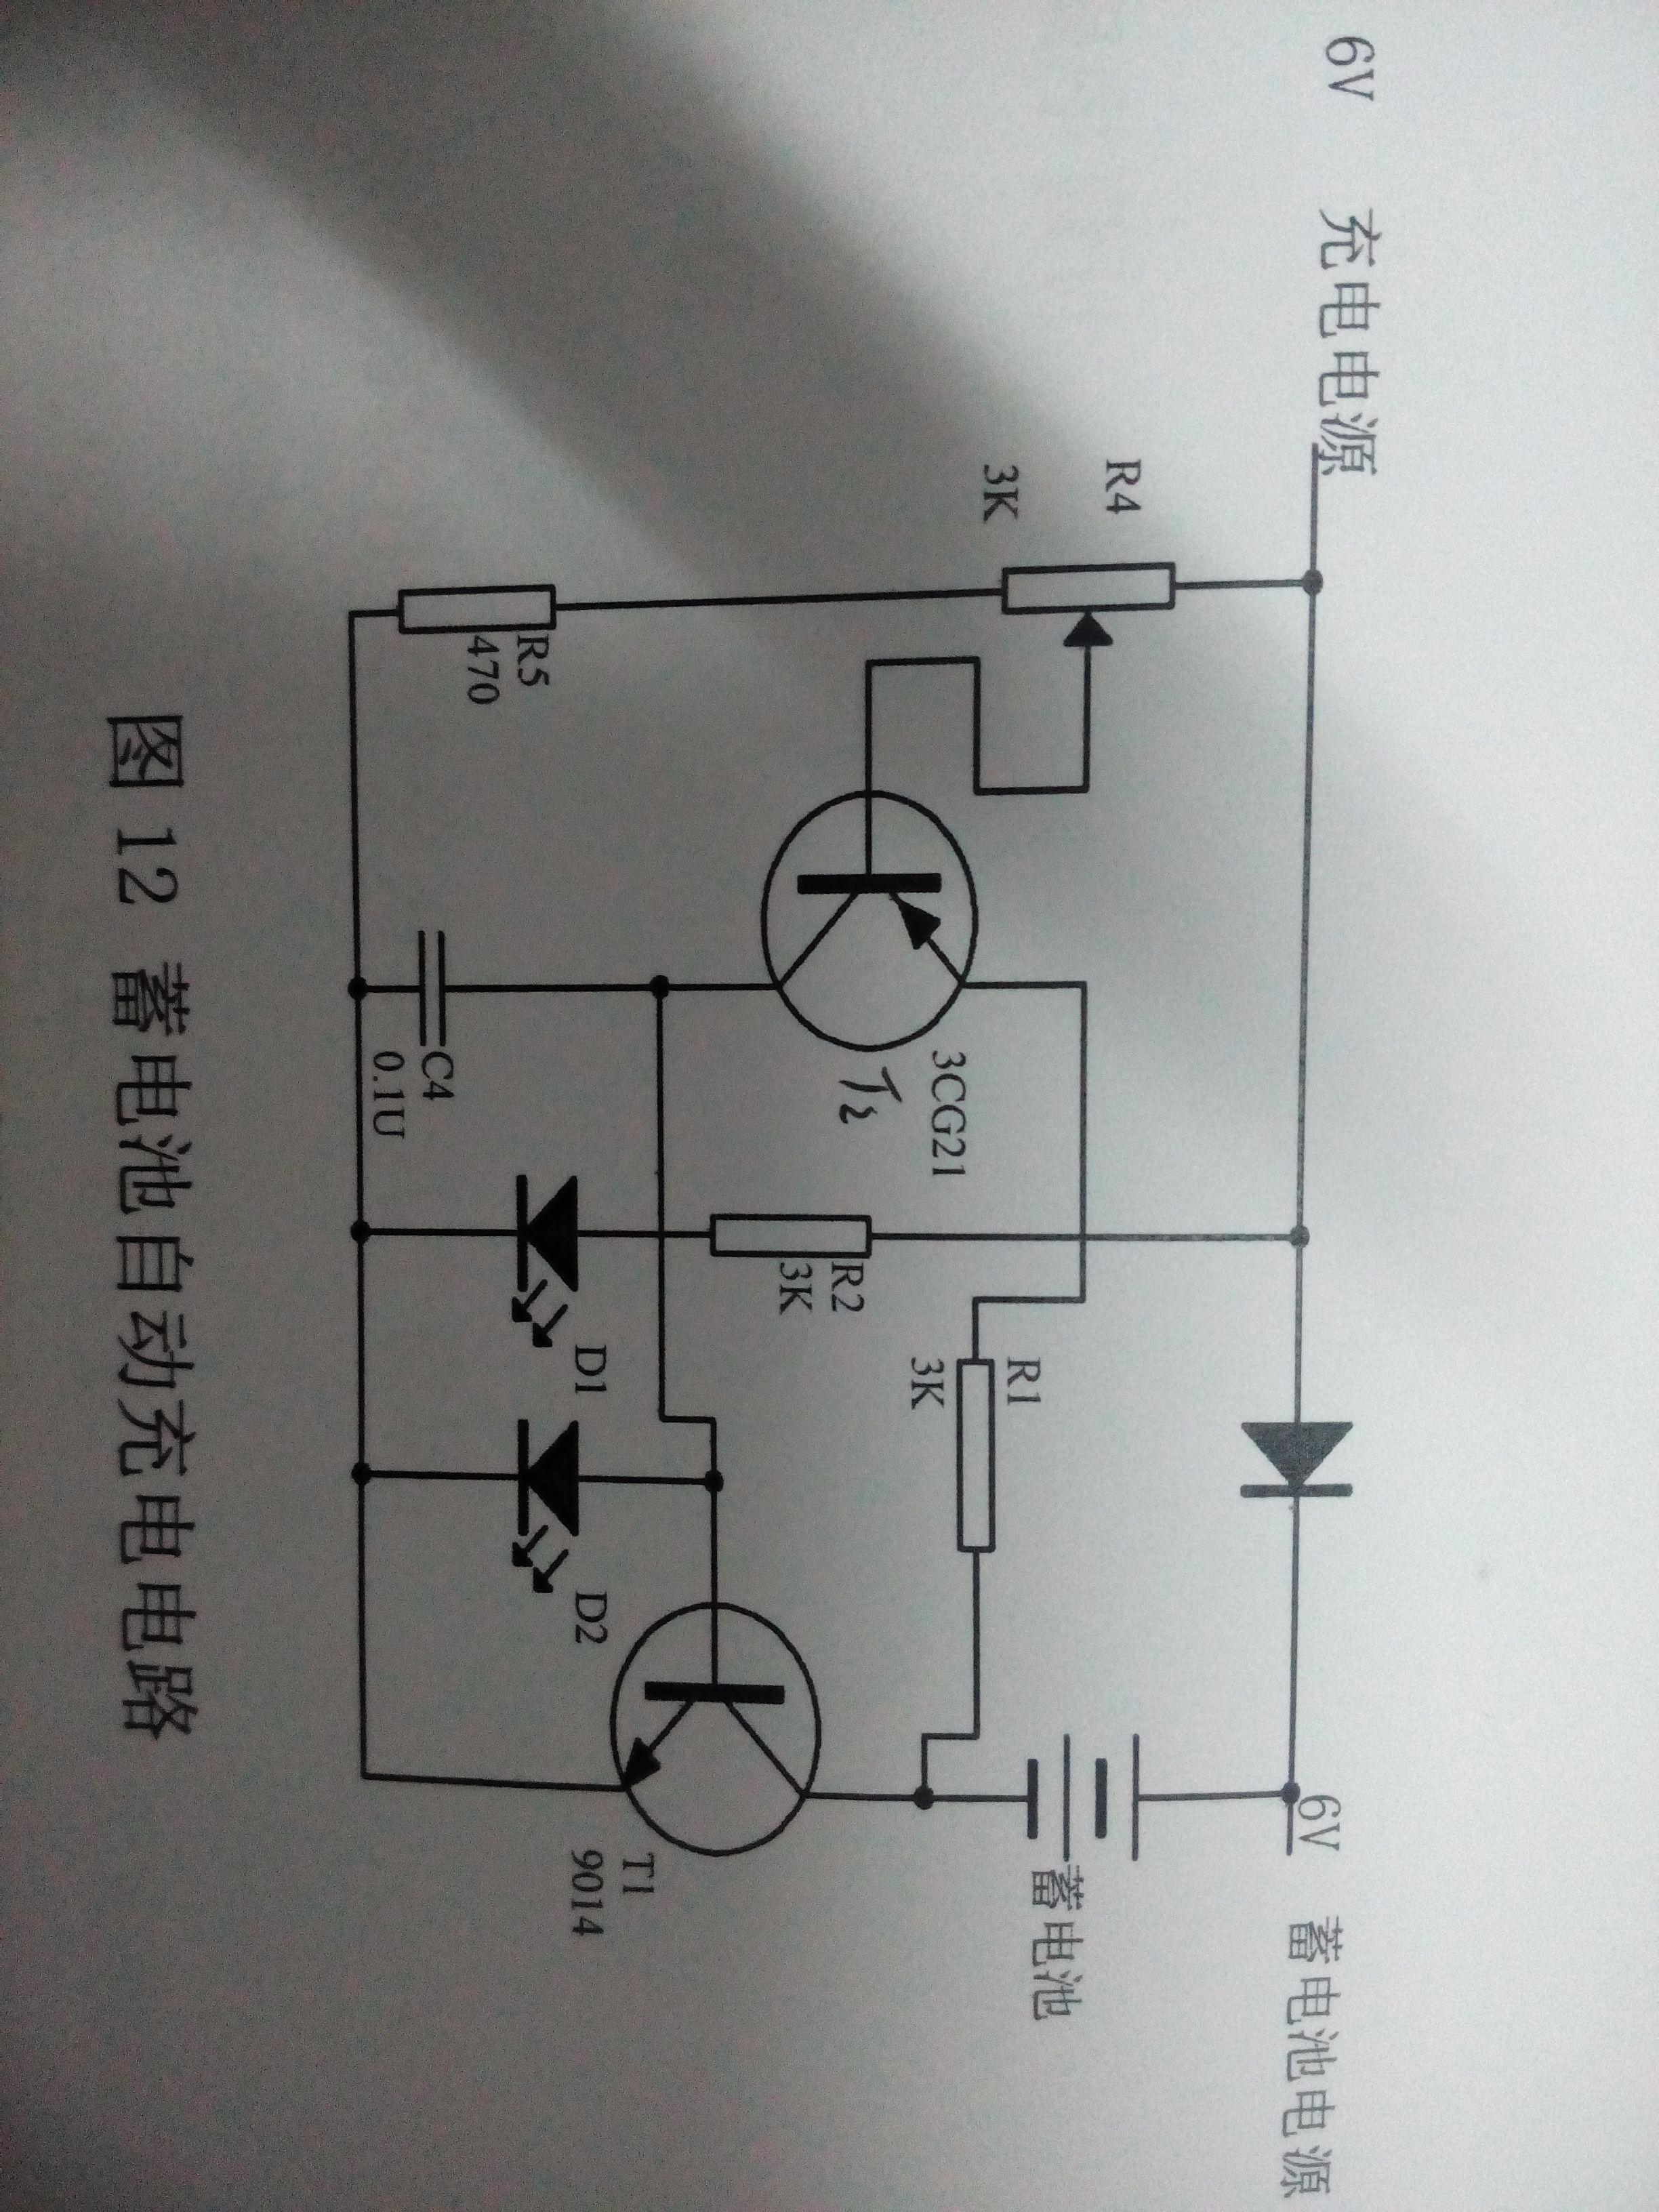 蓄电池自动充电电路